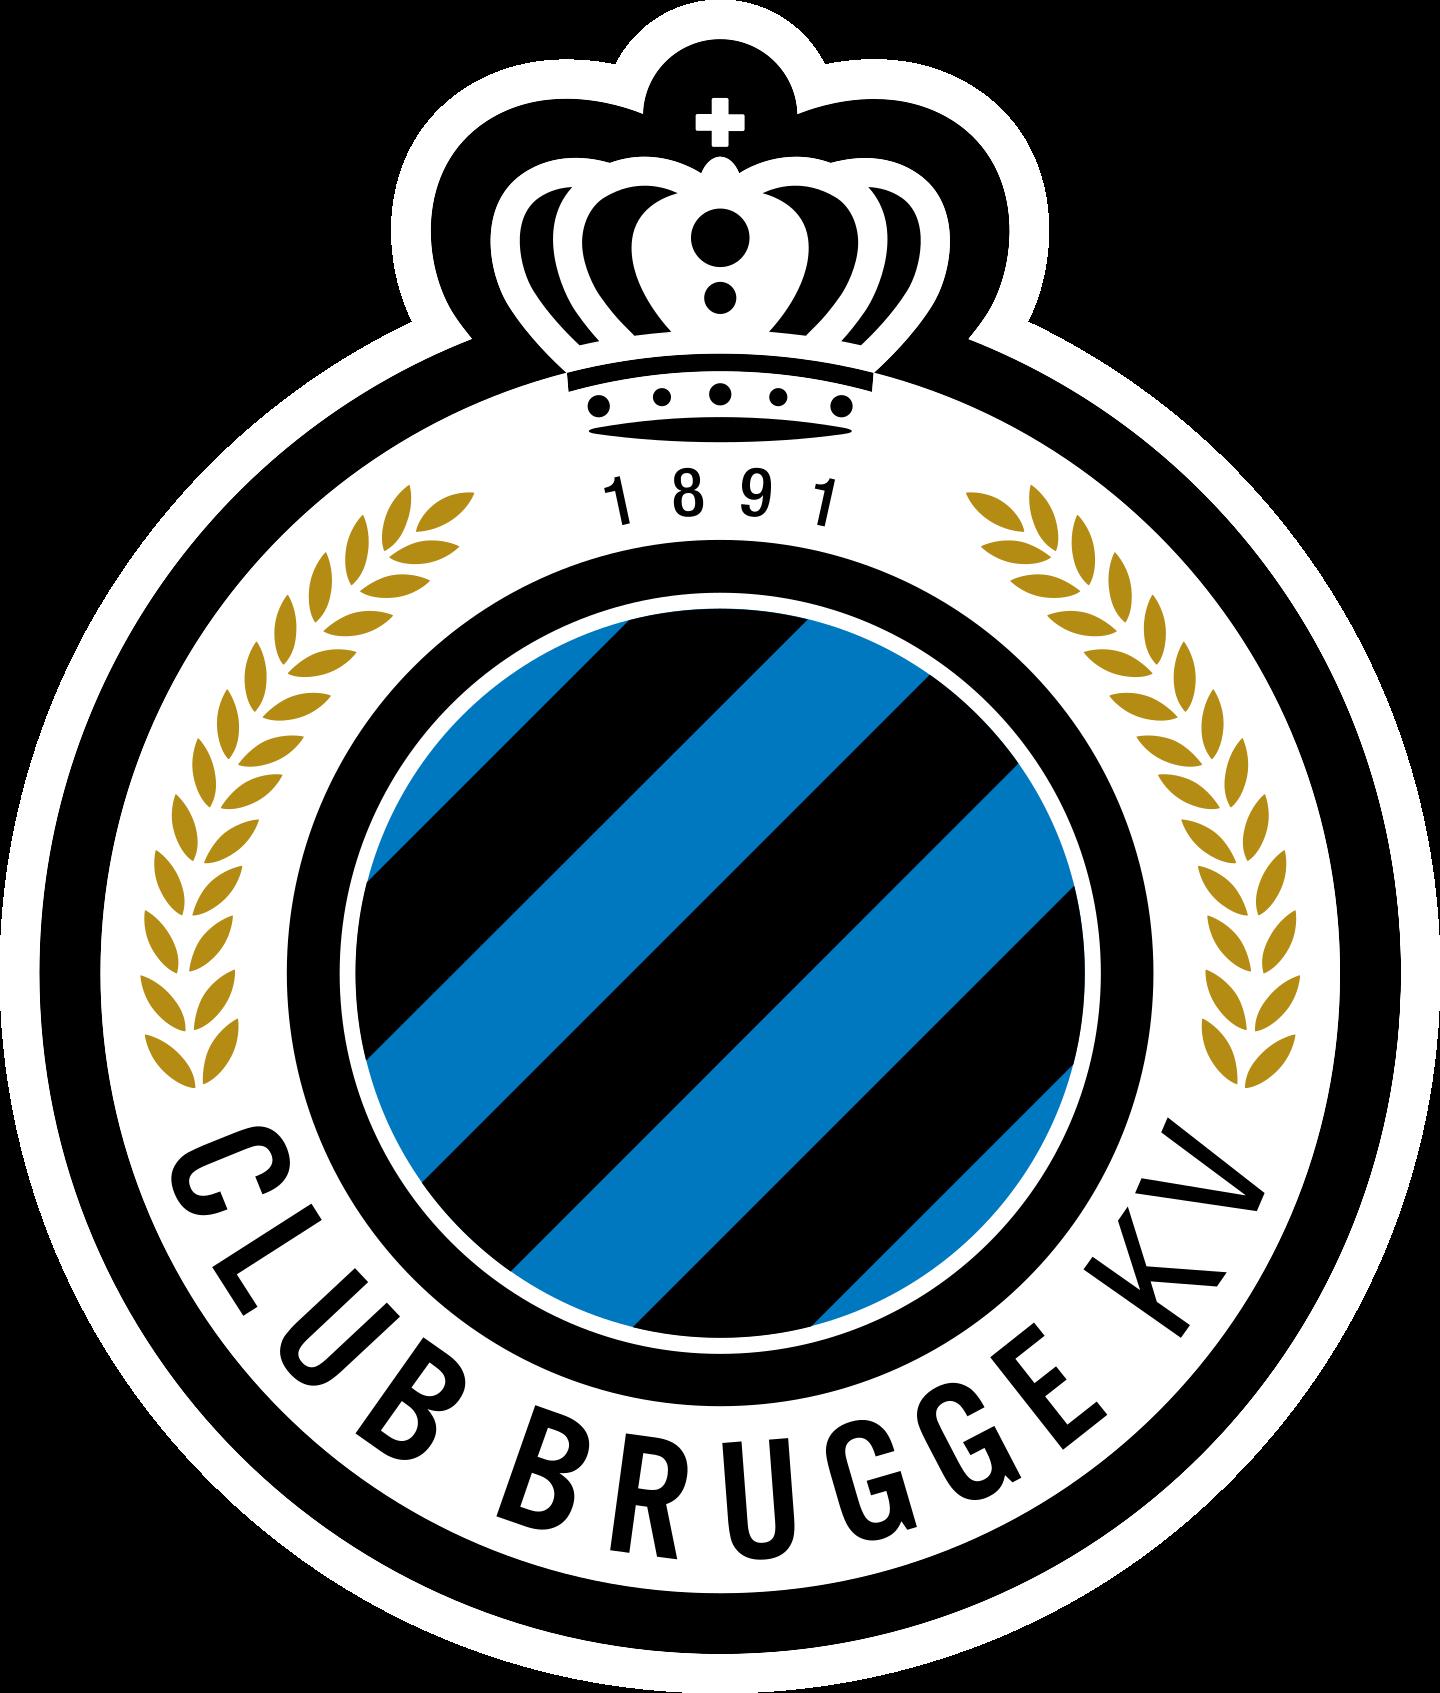 club brugge logo 3 - Club Bruges KV Logo